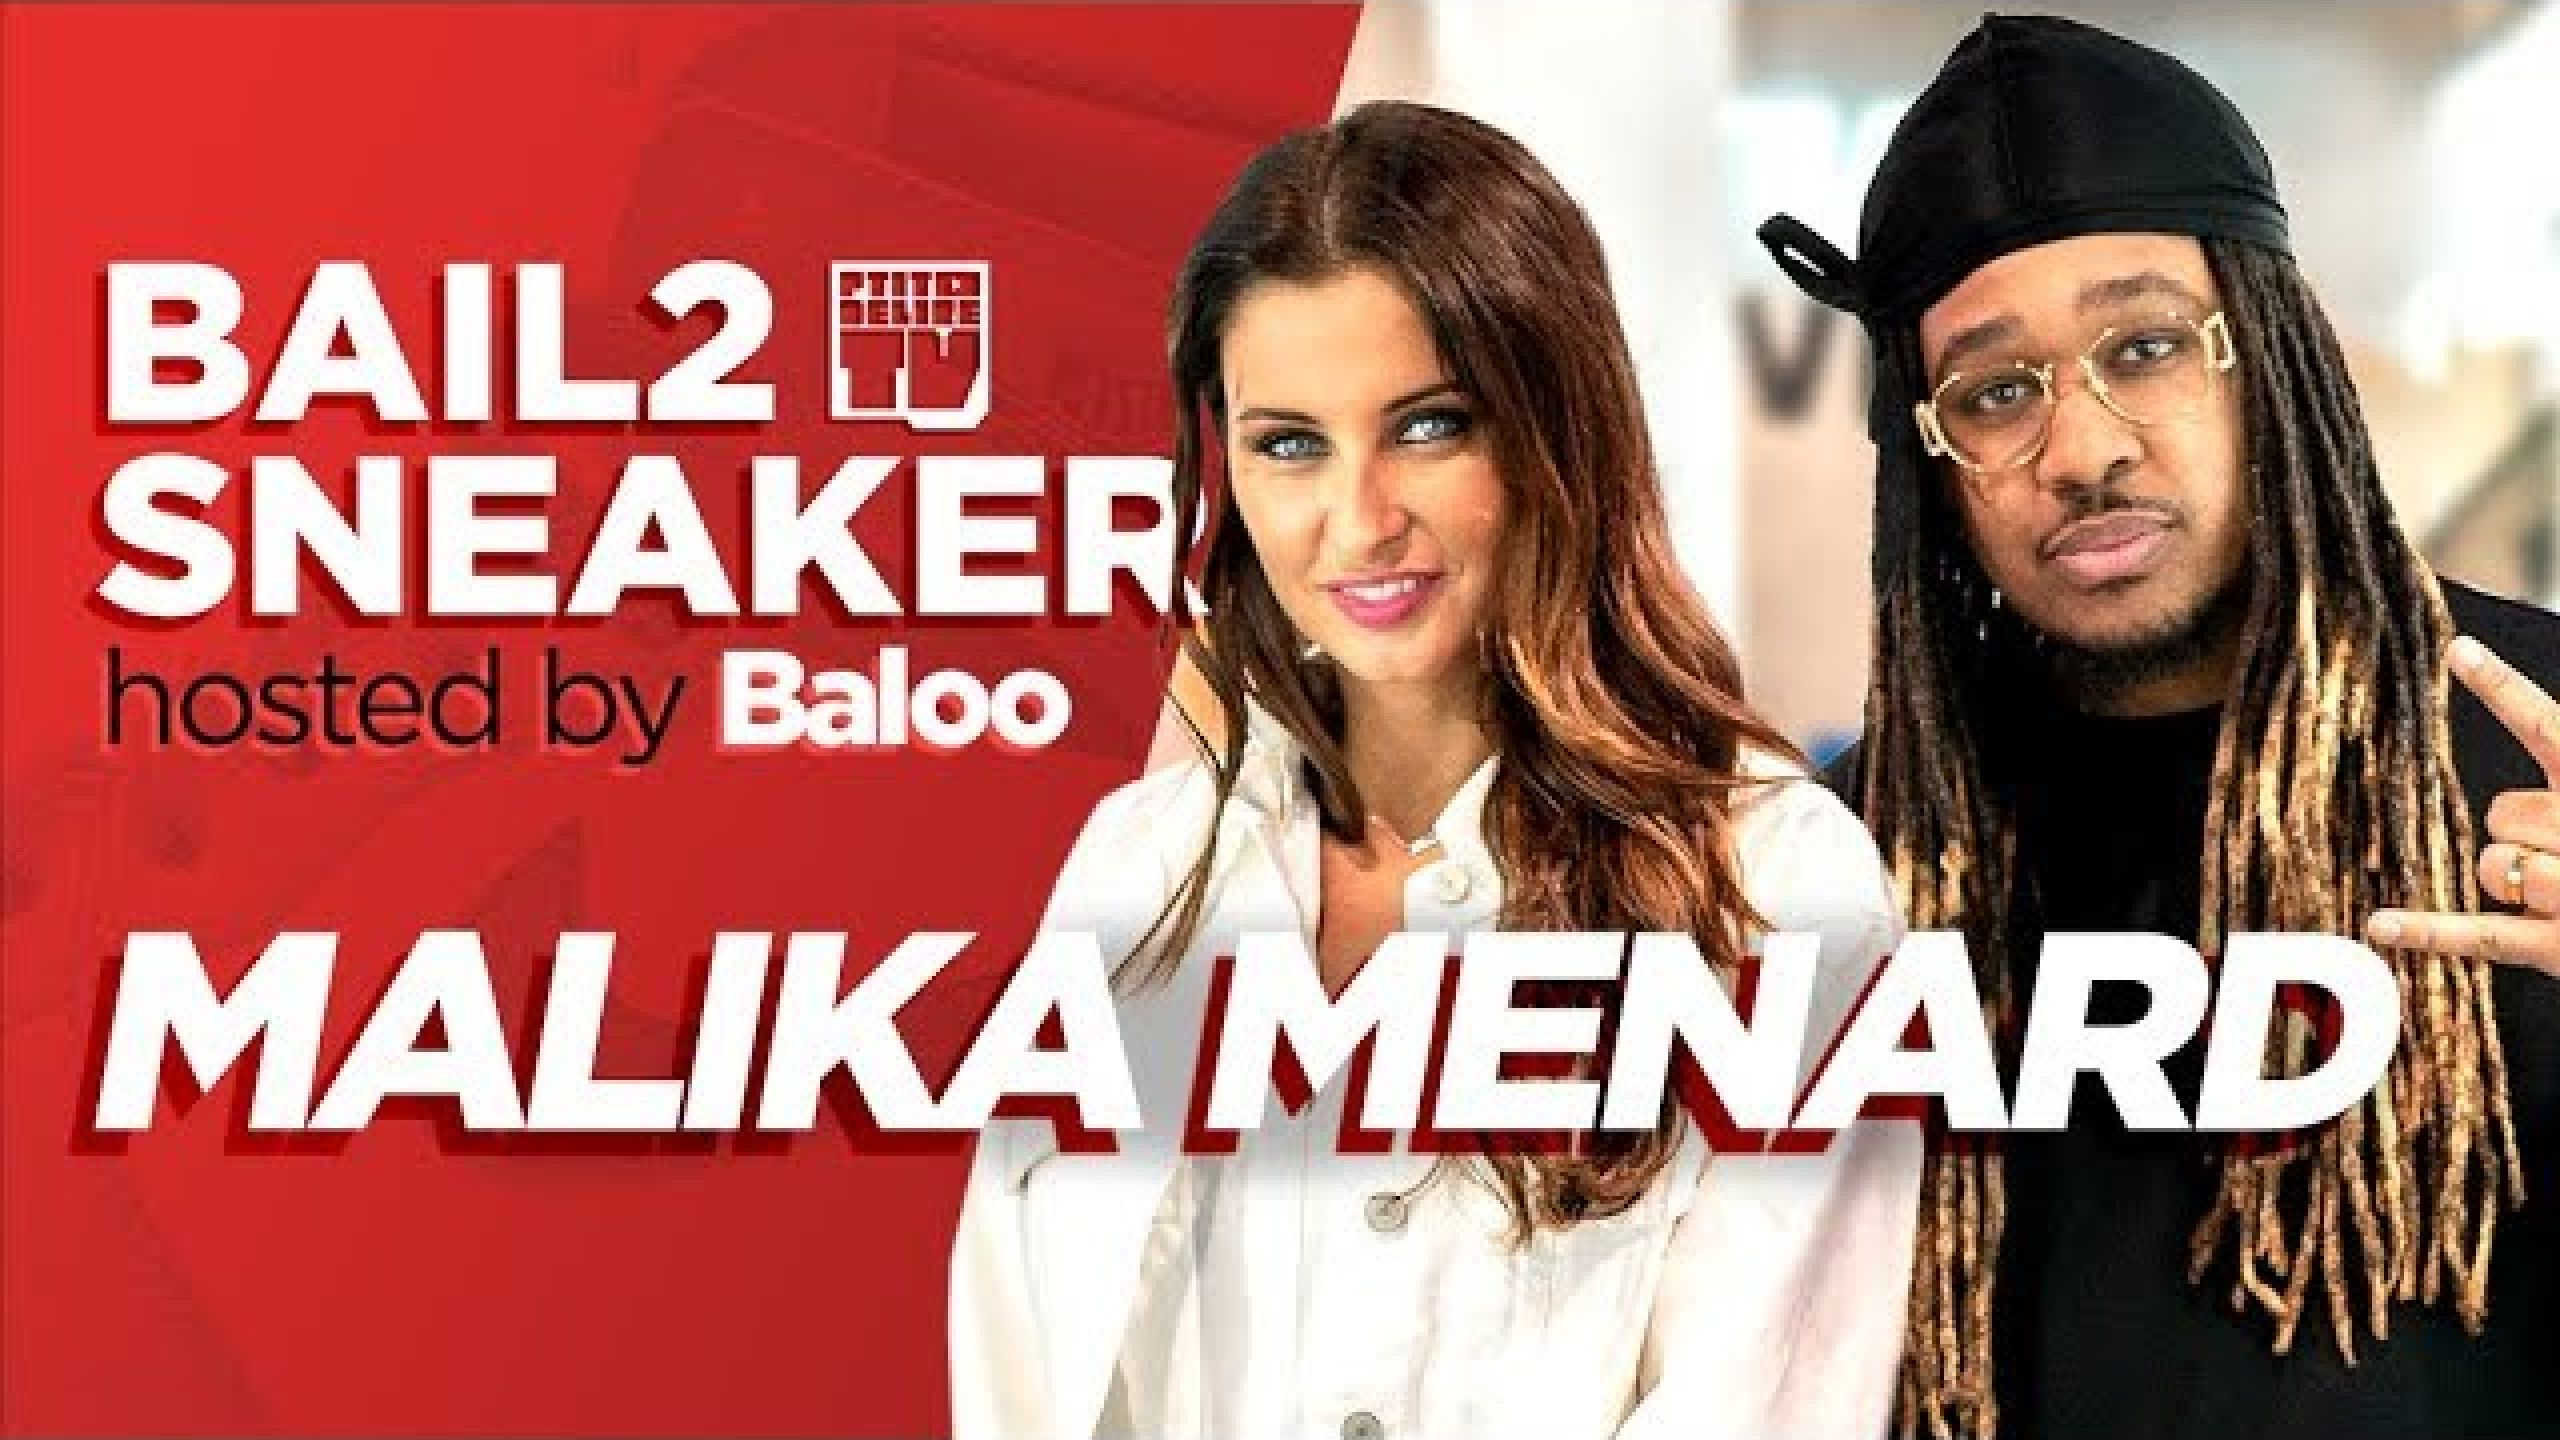 MALIKA MENARD – Bail 2 Sneakers